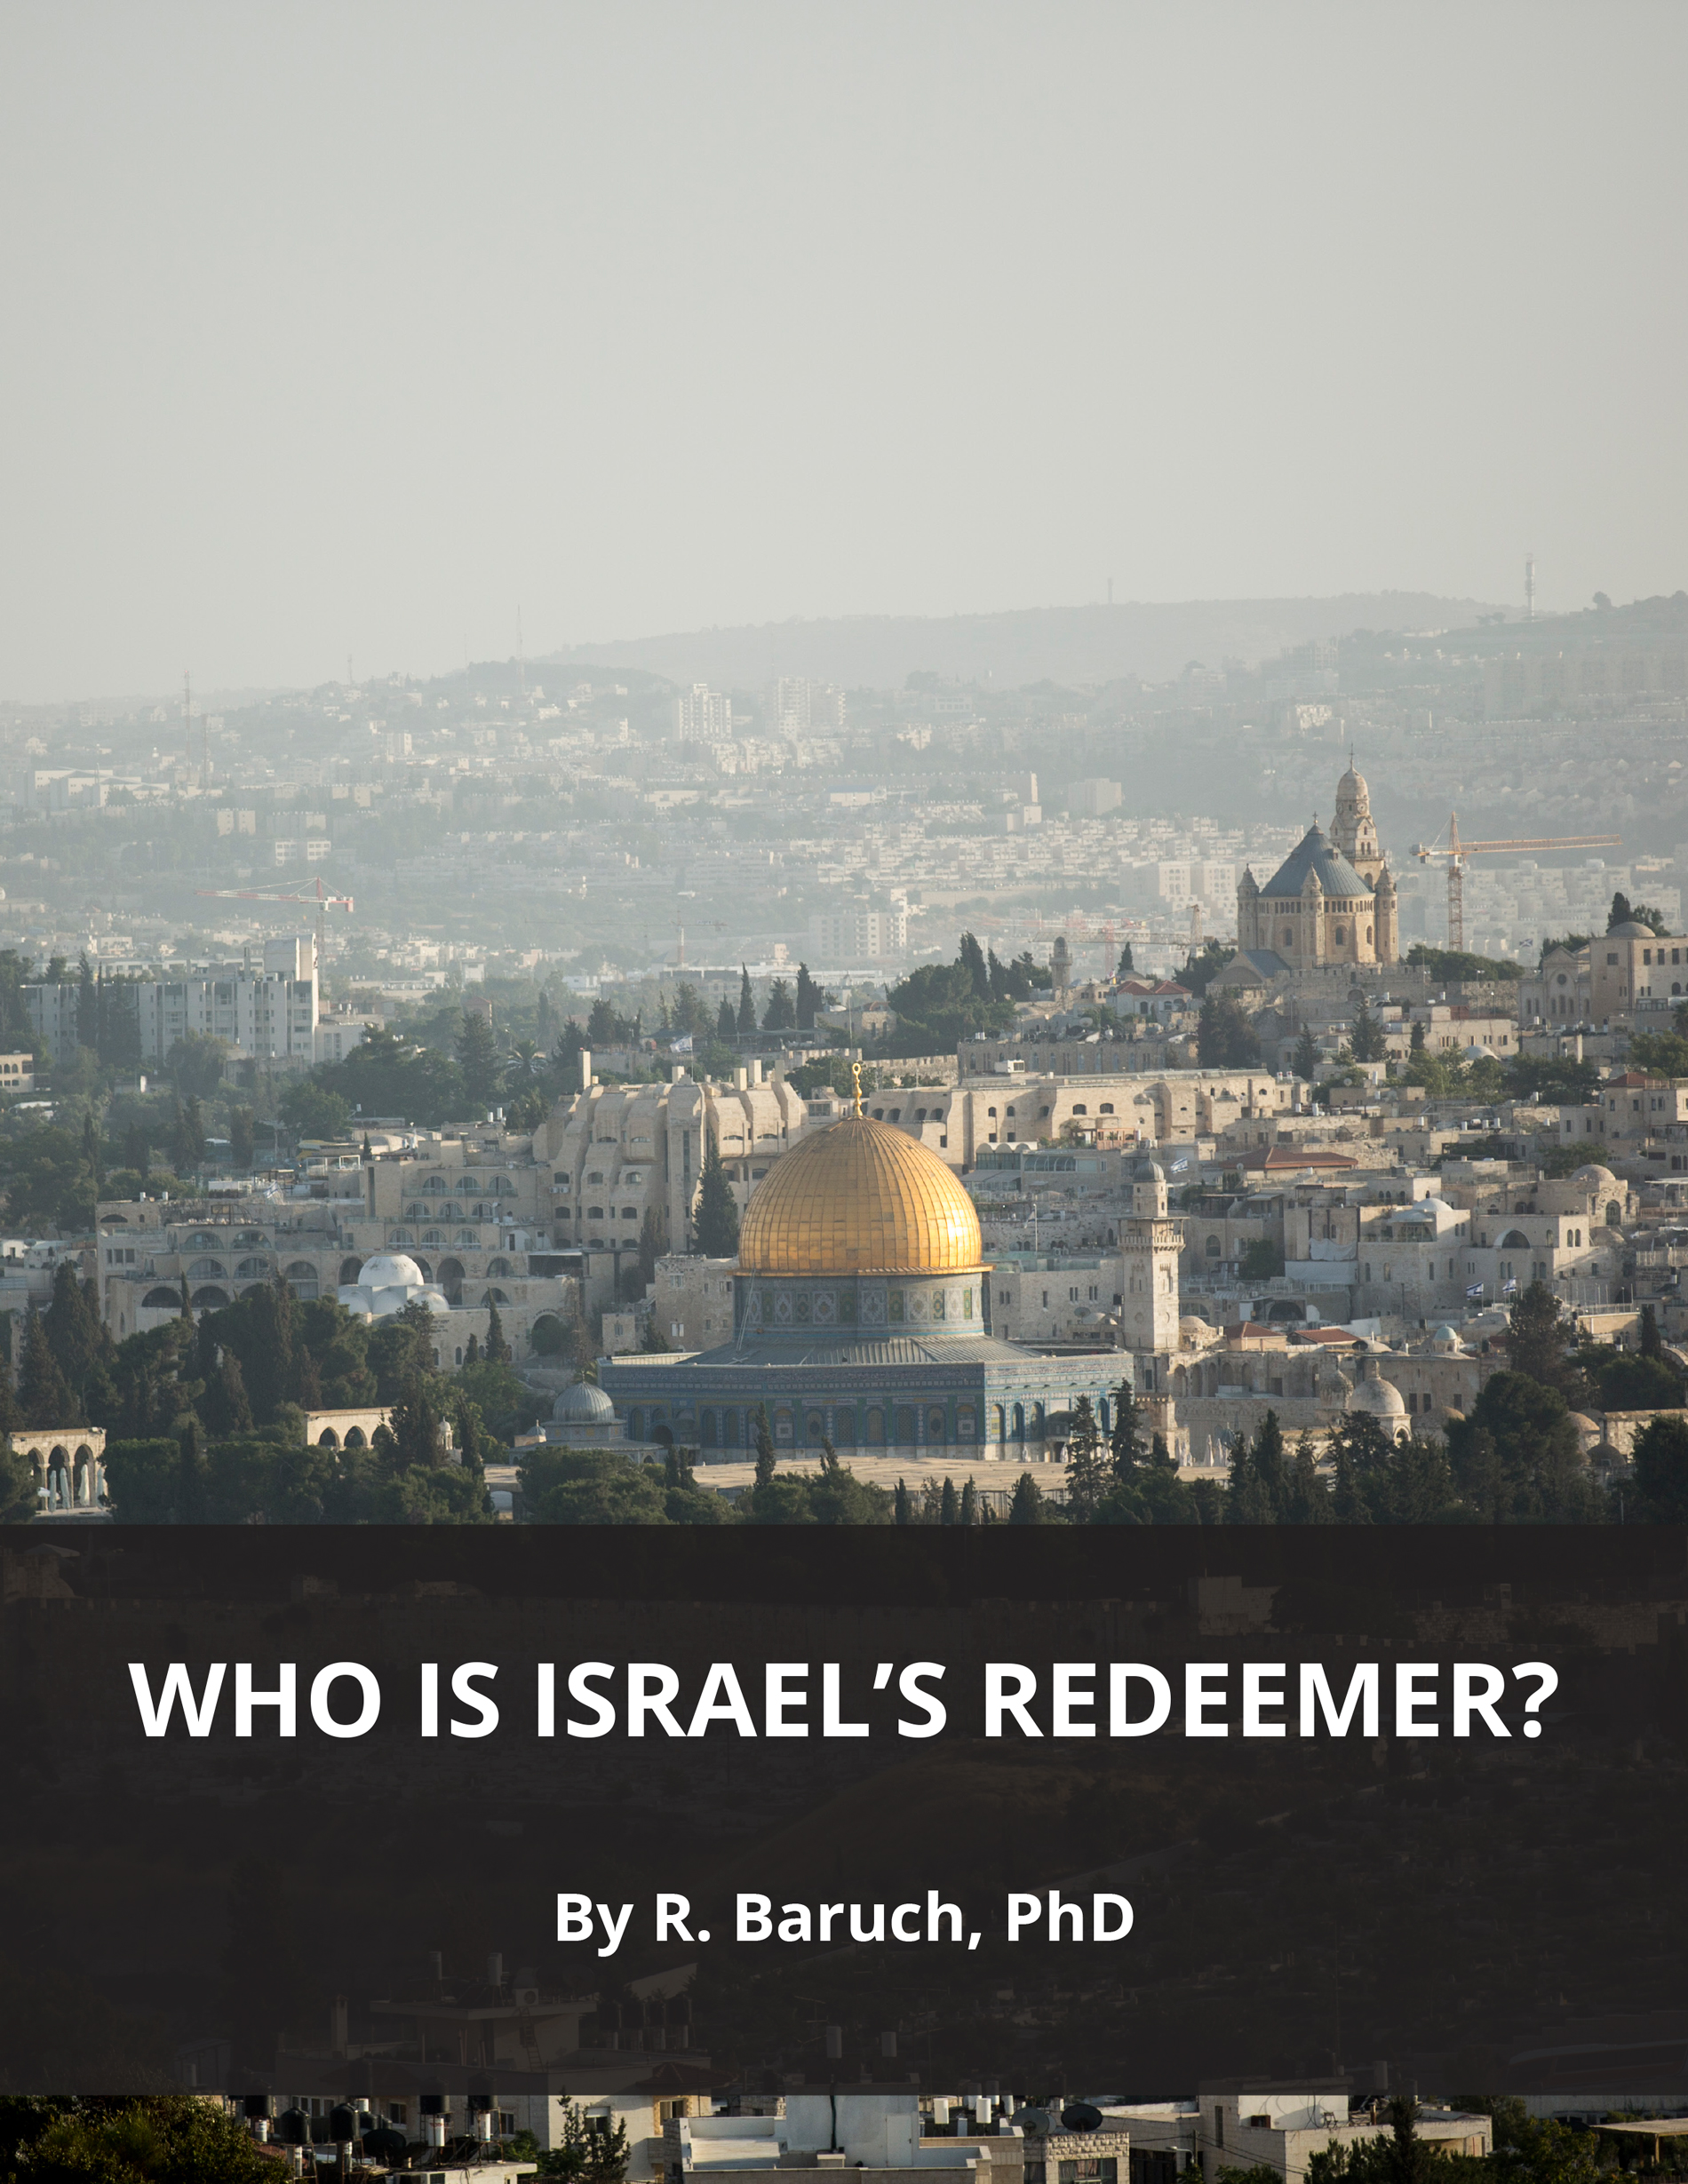 Israel's Redeemer